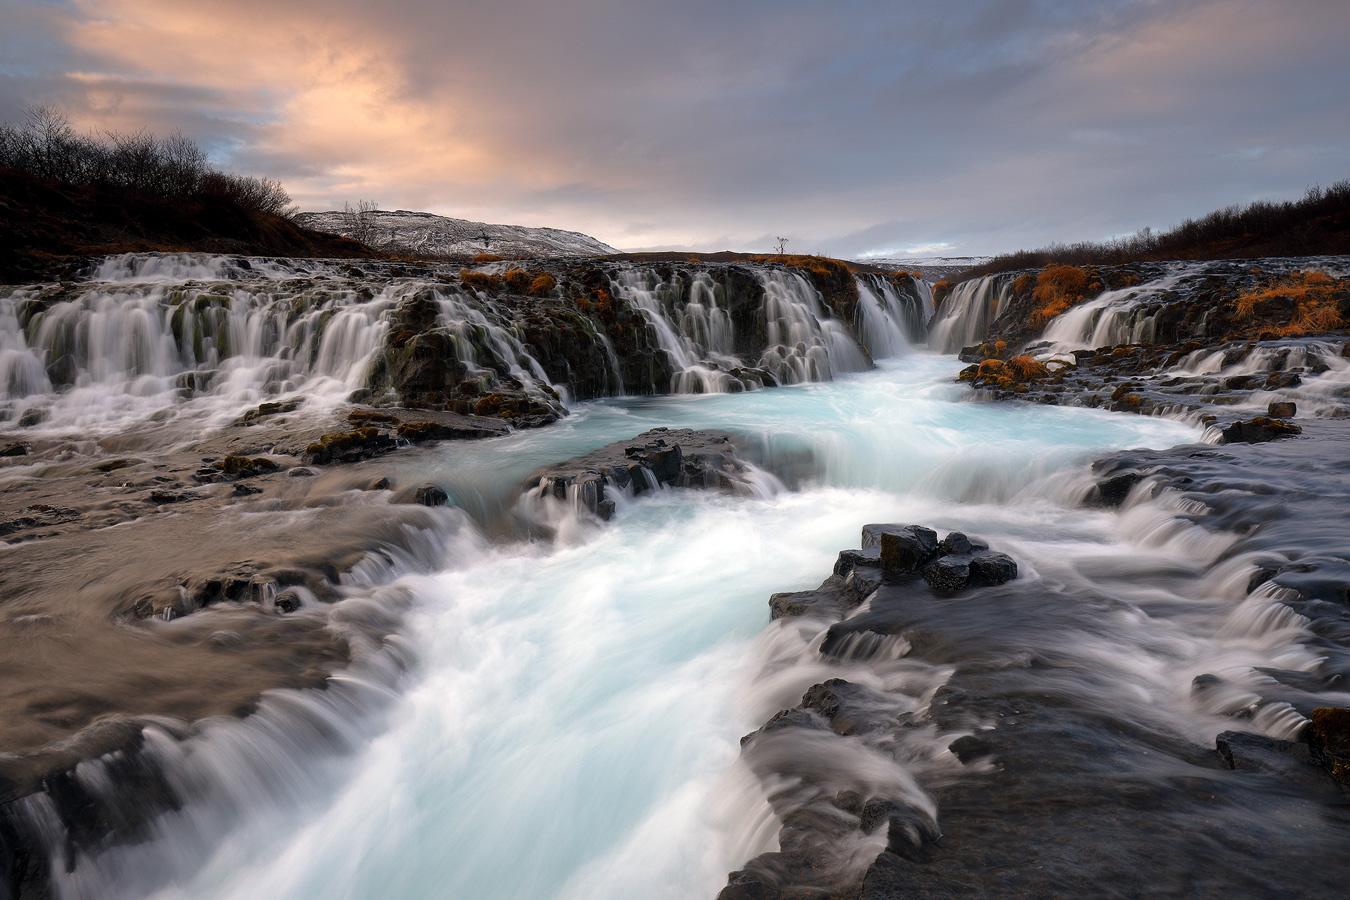 Islandia - Iñaki Bolumburu, Paisai eta natura argazkigintza